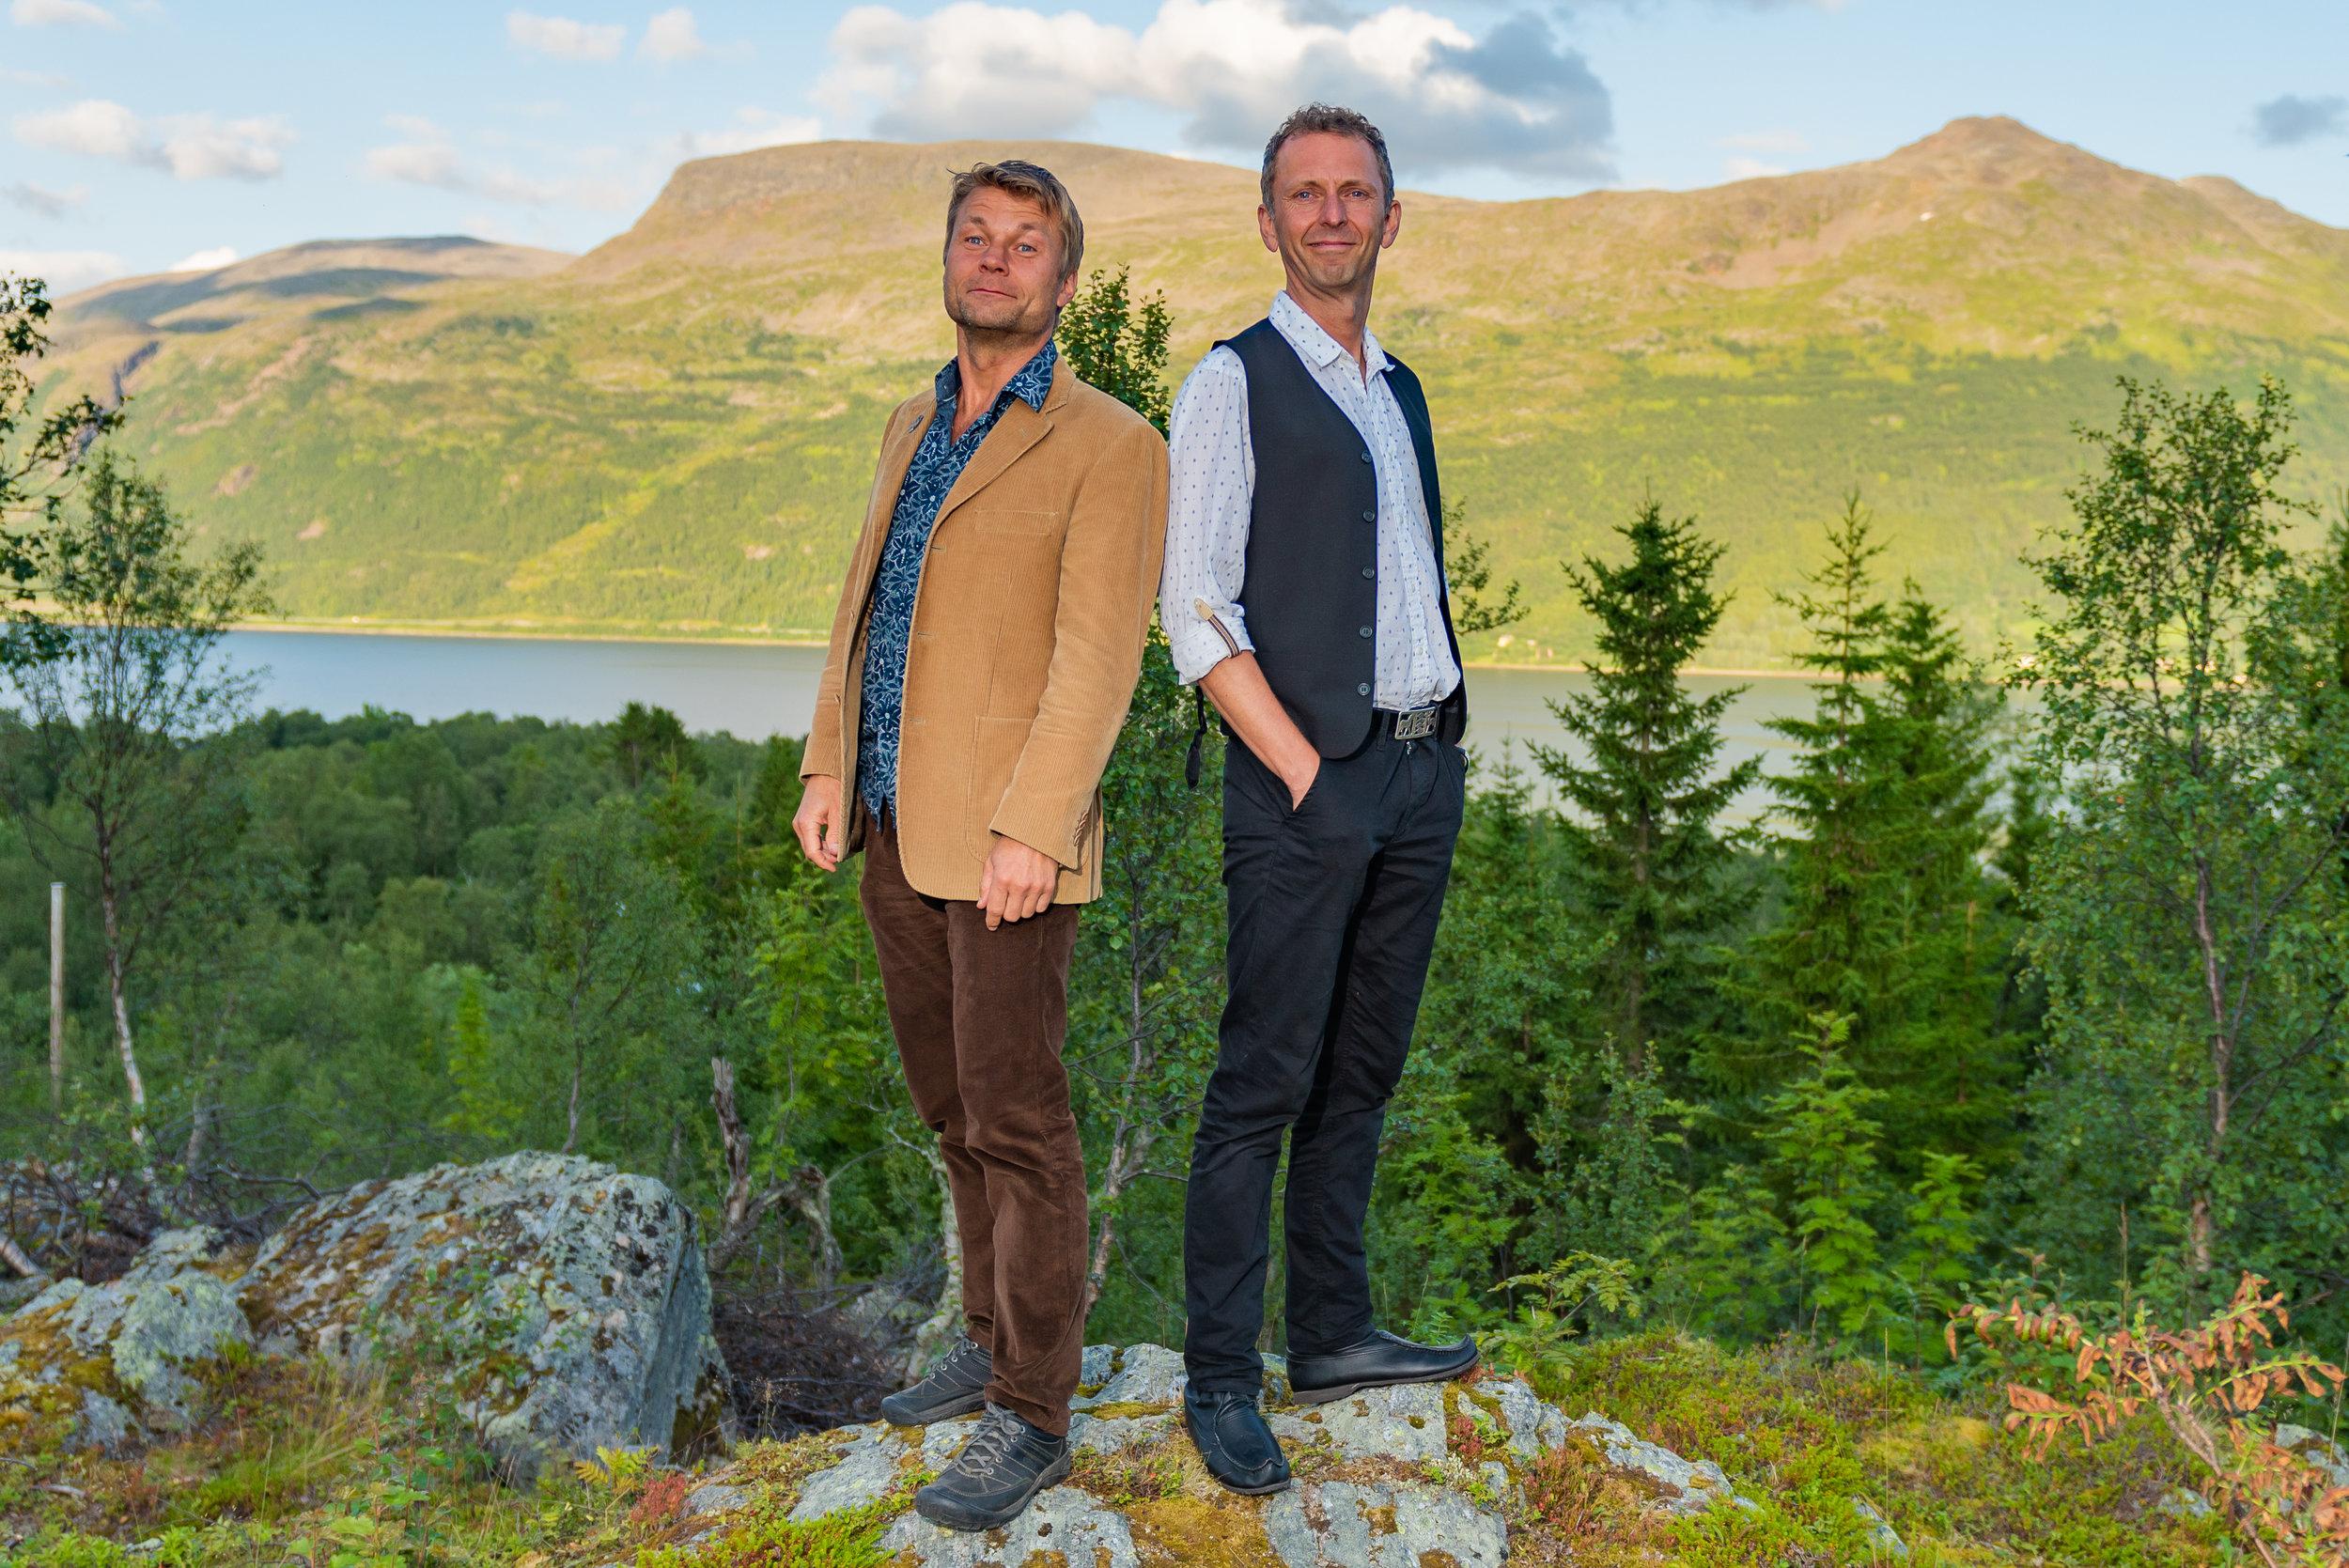 Foto: Jørn HOlm